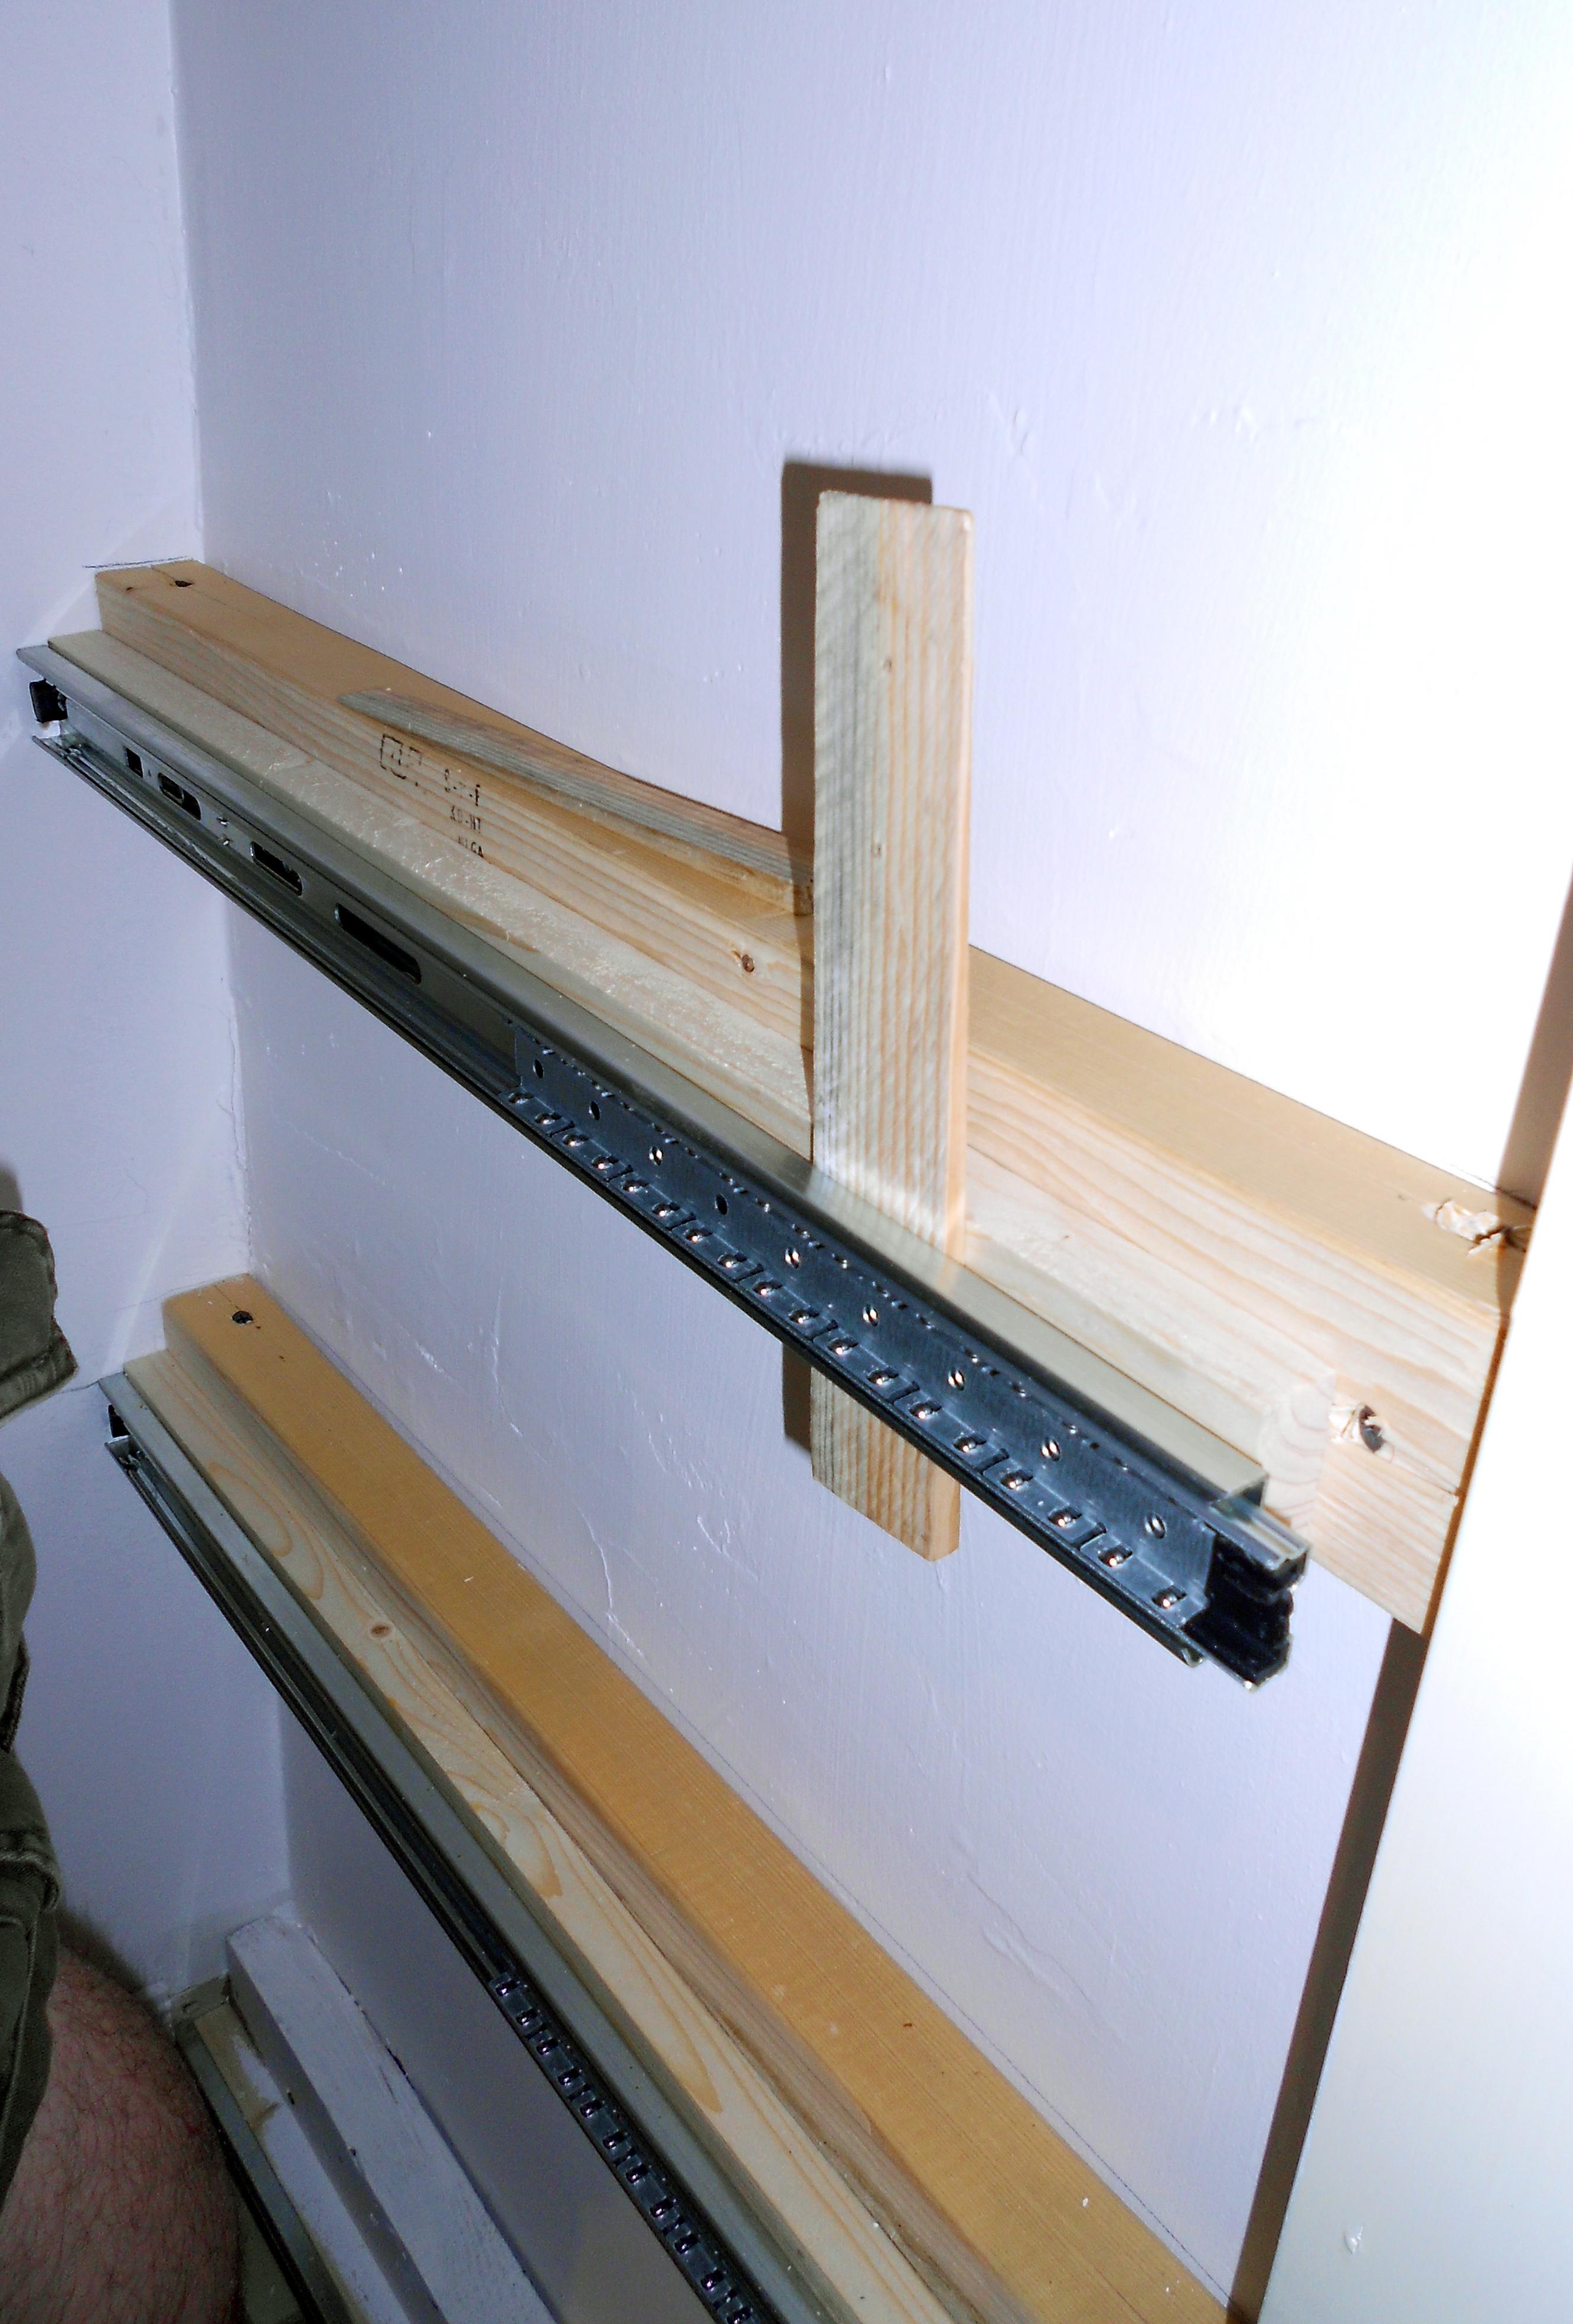 Invigorating If Extended Shelf Life Do Or Diy Pull Out Pantry Shelves Uk Pull Out Pantry Shelves Menards houzz-02 Pull Out Pantry Shelves